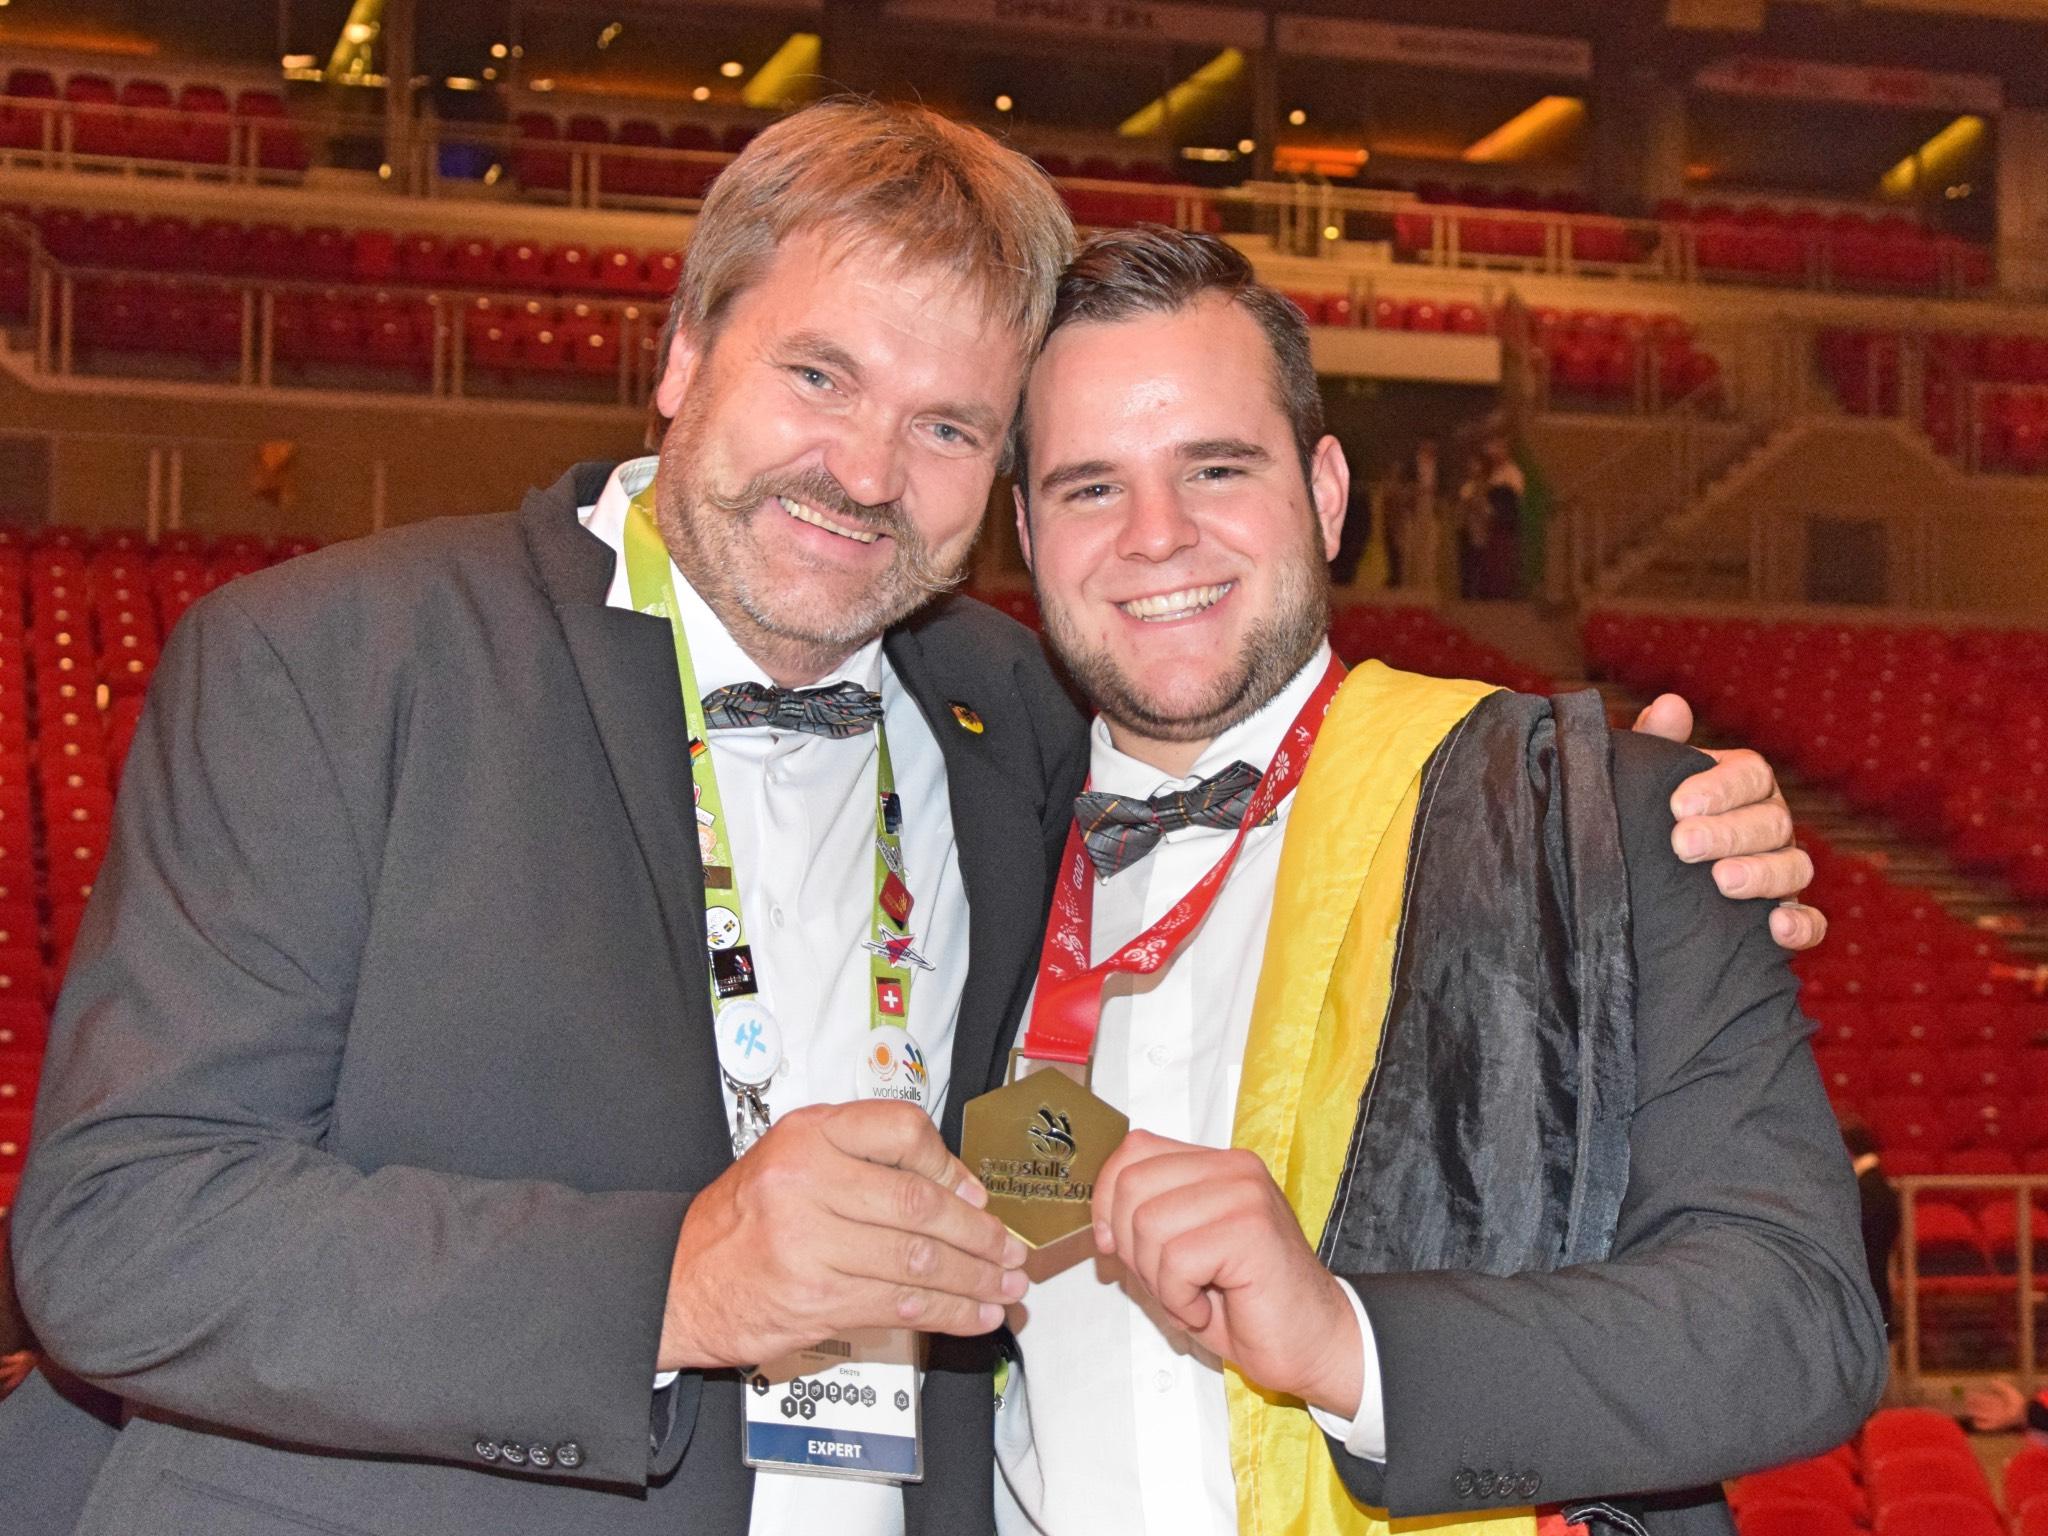 Der Stuckateur mit seinem Trainer bei der Siegerehrung. Foto: ZDB/ Küttner